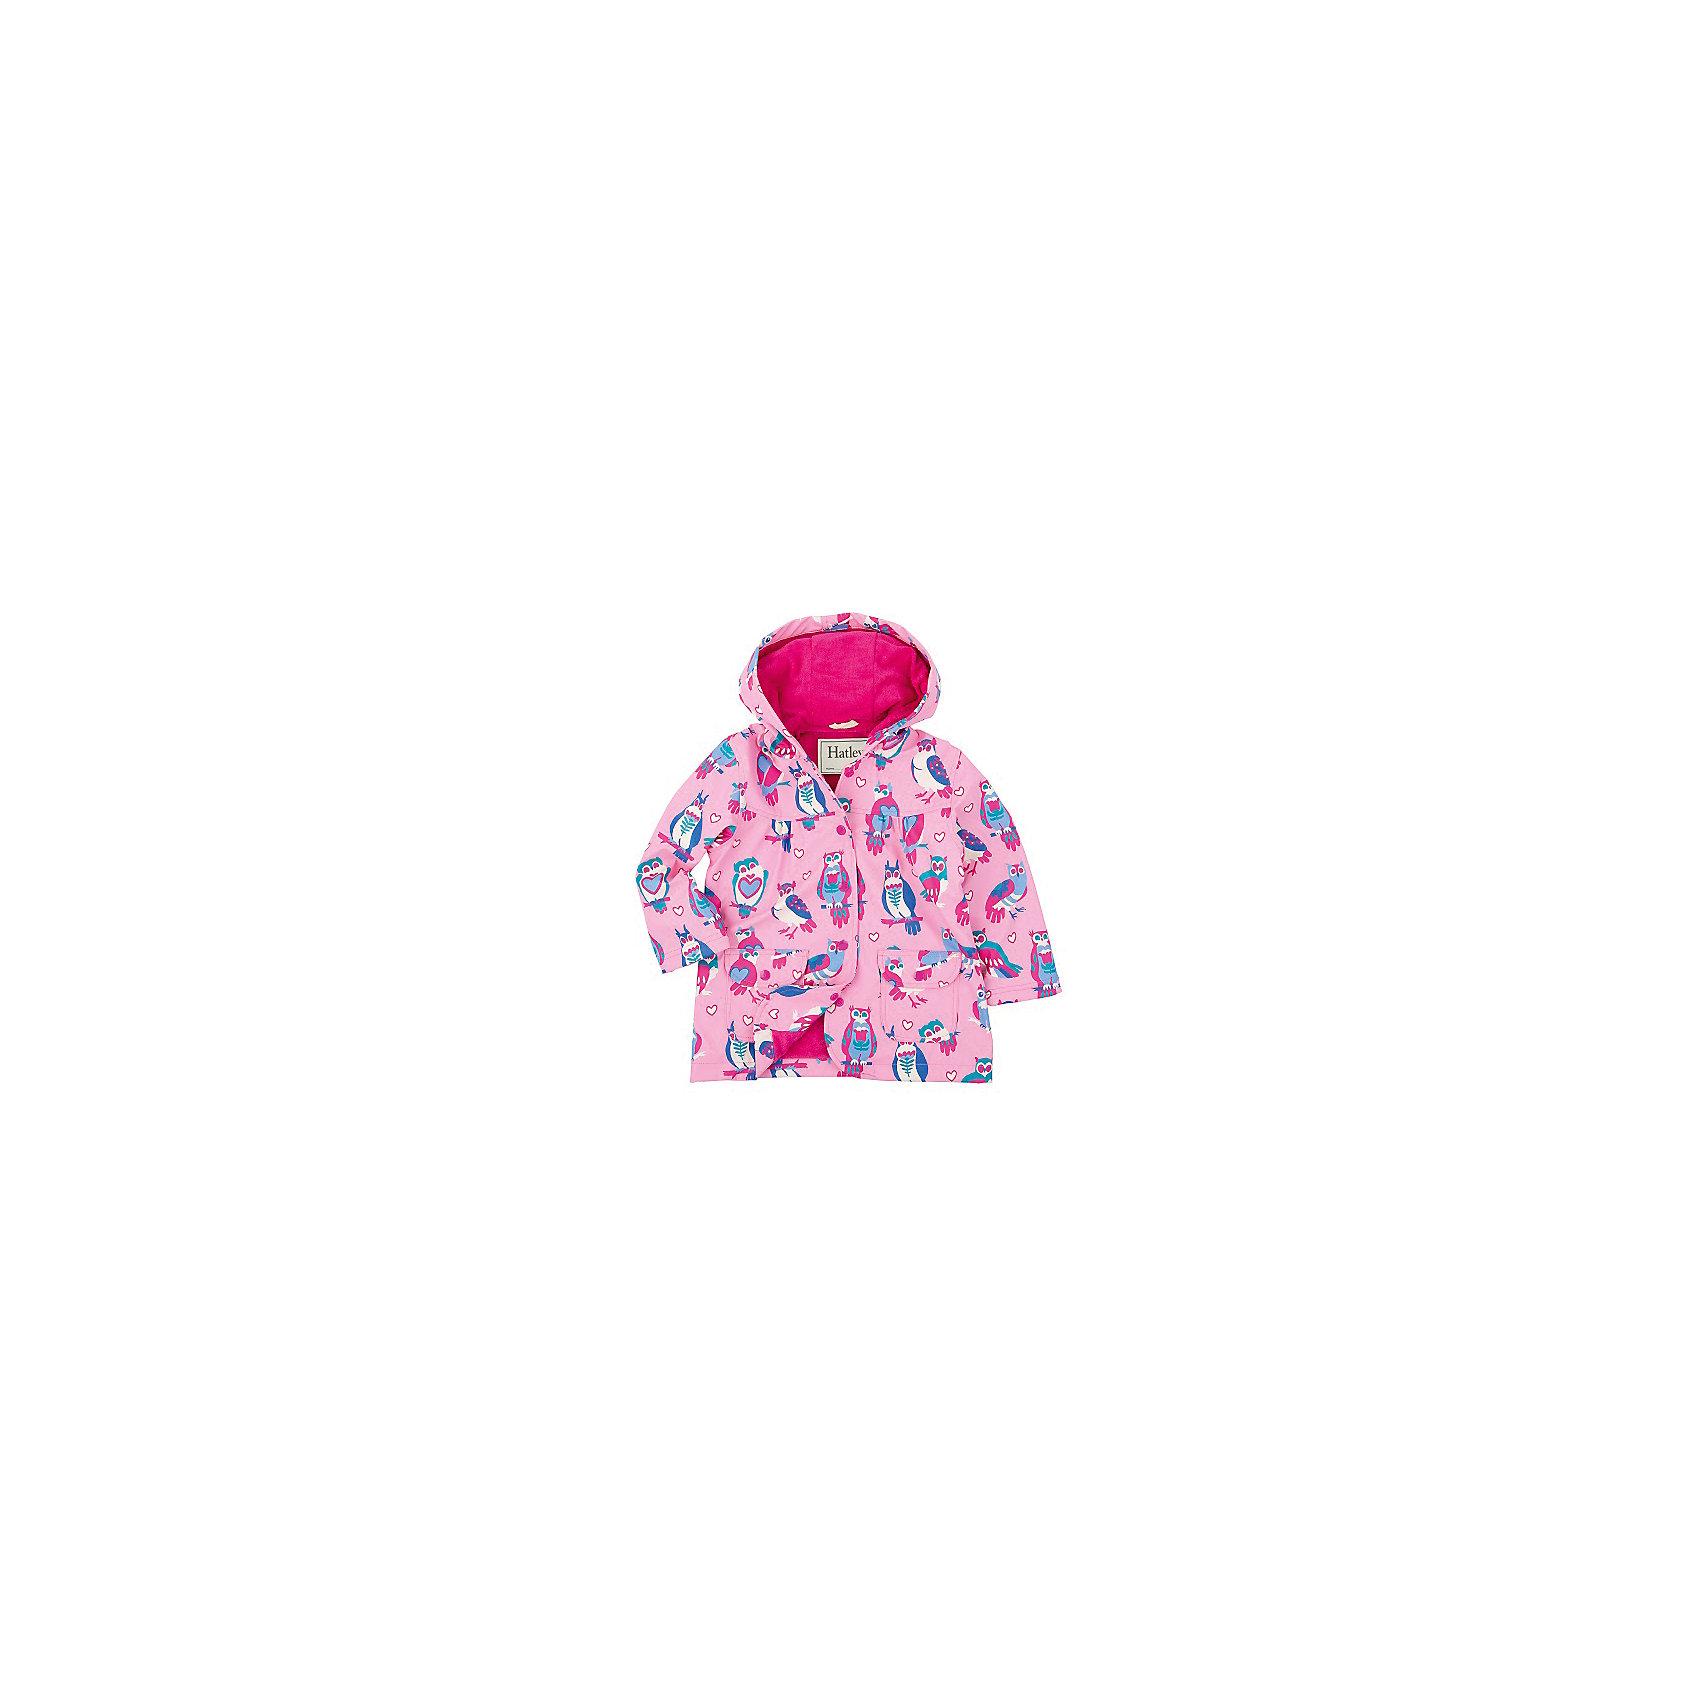 Плащ для девочки HatleyВерхняя одежда<br>Плащ для девочки Hatley<br><br>Характеристики:<br><br>• Состав: верх - 100%полиуретан, подкладка -100% полиэстер<br>• Цвет: розовый<br><br>Красивый и яркий плащ с уникальным дизайном не оставит ребенка равнодушным. У плаща два небольших кармана, удобный капюшон и крючок, чтобы повесить вещь на вешалку. Внутри плаща махровая подкладка, которая придает дополнительное тепло. Застегивается плащ на пуговки, которые может застегнуть ребенок самостоятельно. <br><br>Плащ для девочки Hatley можно купить в нашем интернет-магазине.<br><br>Ширина мм: 356<br>Глубина мм: 10<br>Высота мм: 245<br>Вес г: 519<br>Цвет: розовый<br>Возраст от месяцев: 36<br>Возраст до месяцев: 48<br>Пол: Женский<br>Возраст: Детский<br>Размер: 104,92,122,128,110,98,116<br>SKU: 5020765